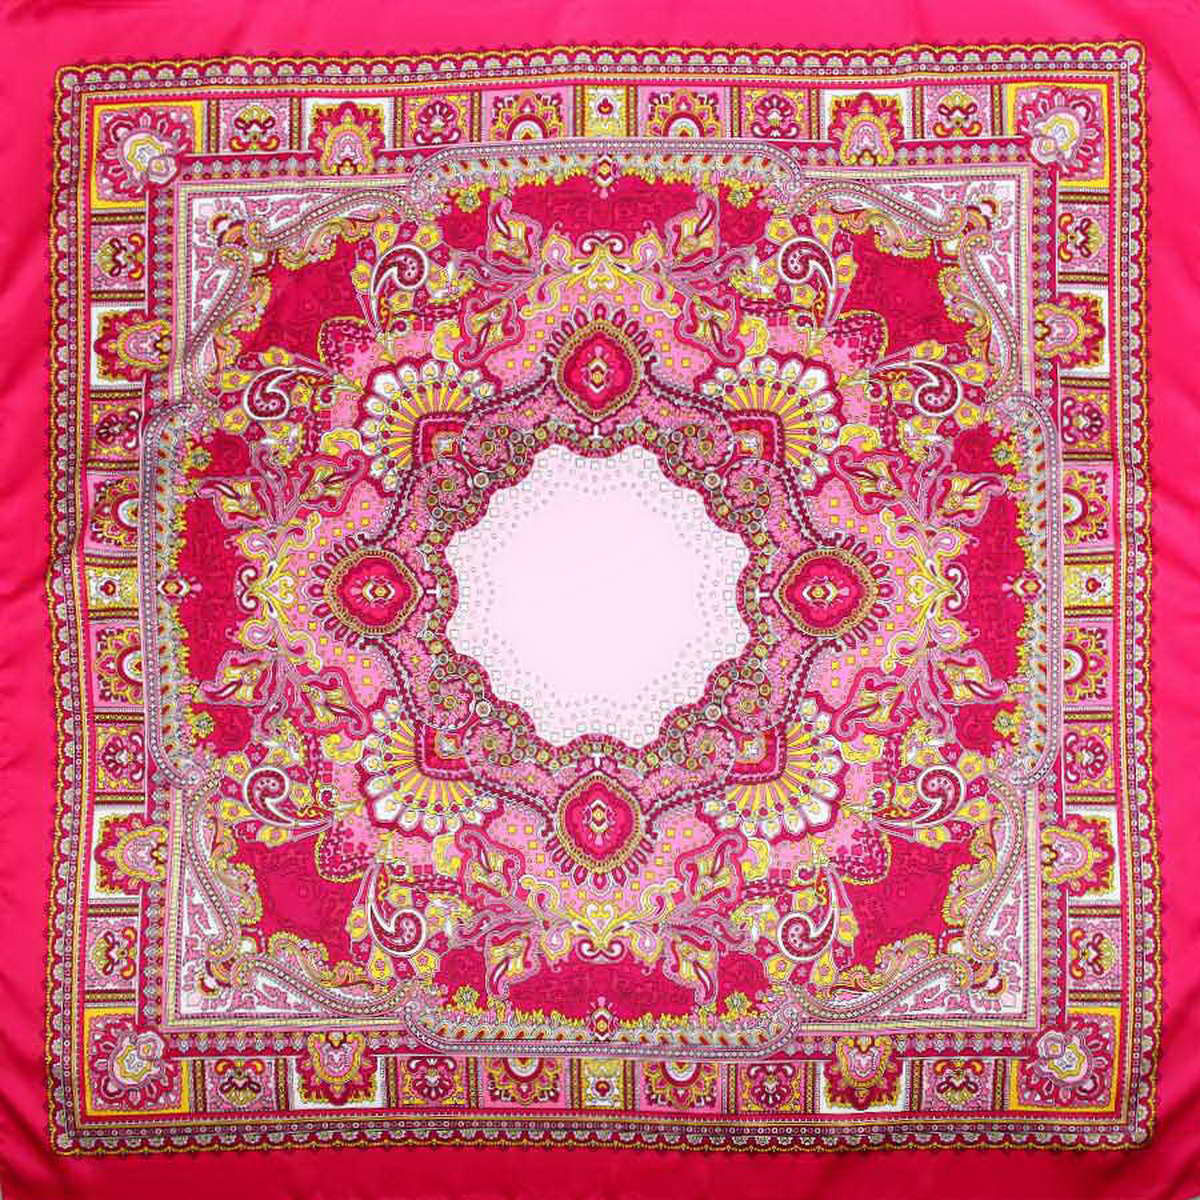 Платок женский Venera, цвет: фуксия, розовый, желтый. 3906633-07. Размер 90 см х 90 см3906633-07Стильный женский платок Venera изготовлен из качественного и легкого полиэстера, будет самым универсальным вариантом для повседневного аксессуара.Насыщенная цветовая палитра и замечательный принт восточного стиля, добавят вашему образу загадочности и экзотического шарма.Классическая квадратная форма позволяет носить платок на шее, украшать им прическу или декорировать сумочку.Такой платок превосходно дополнит любой наряд и подчеркнет ваш неповторимый вкус и элегантность.